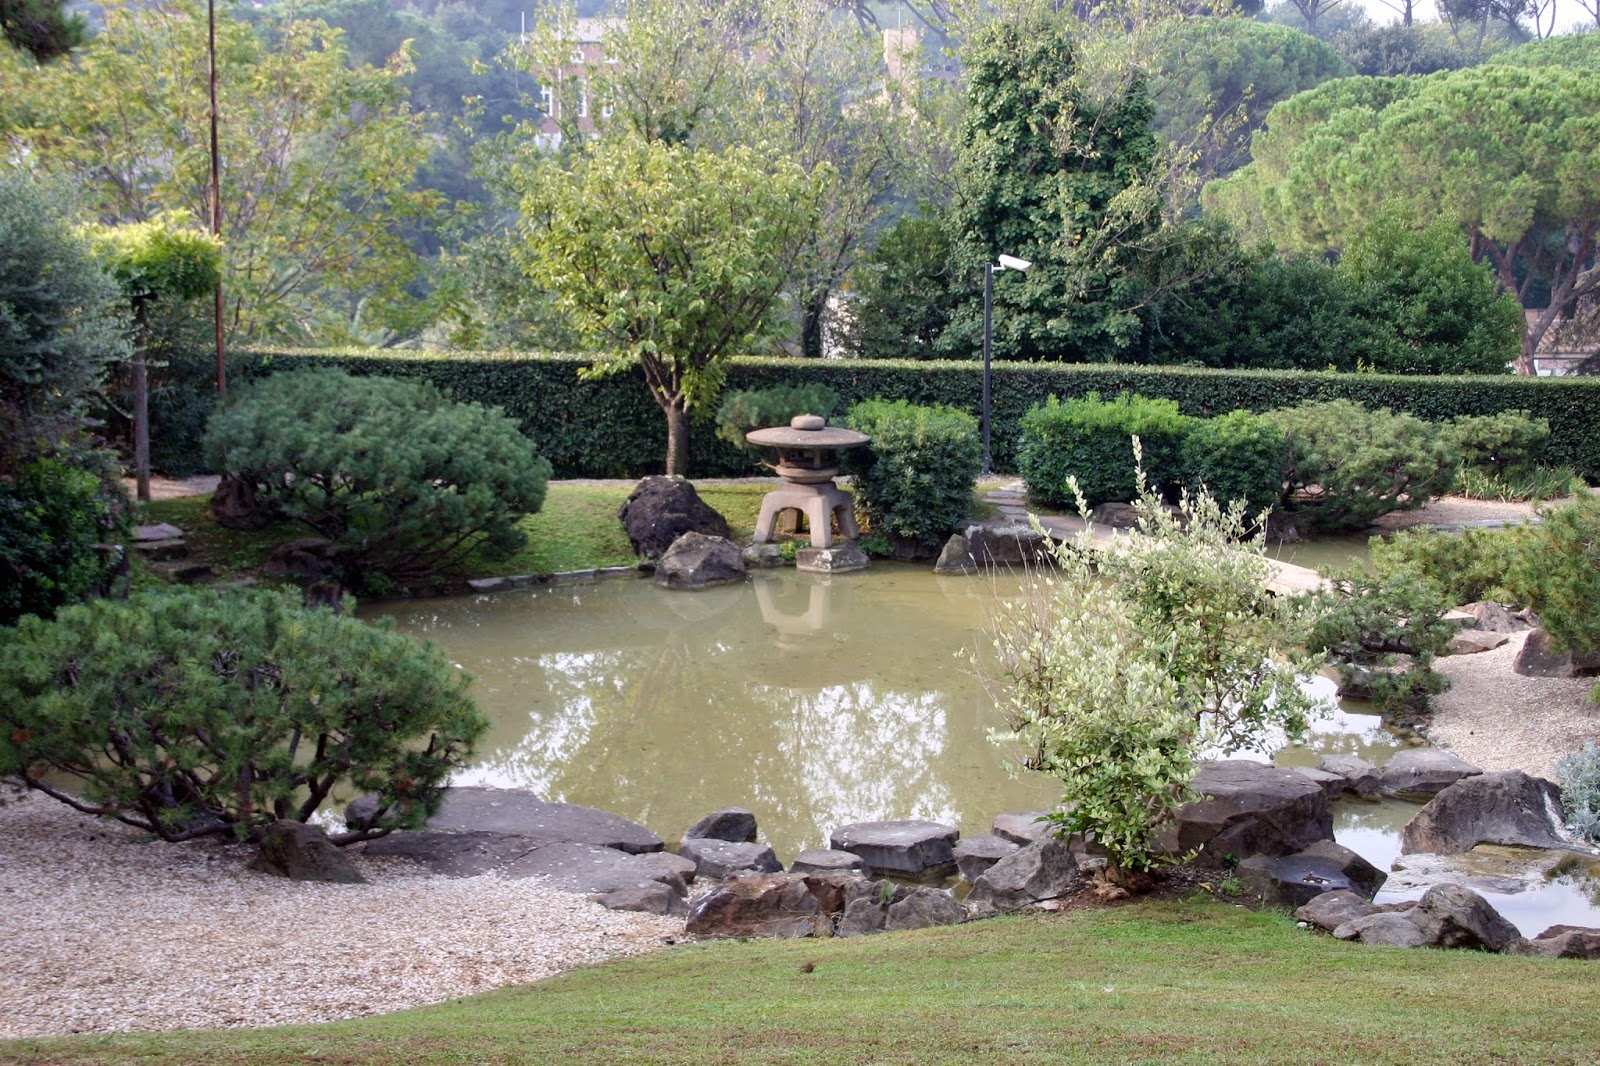 aprono a roma i giardini giapponesi